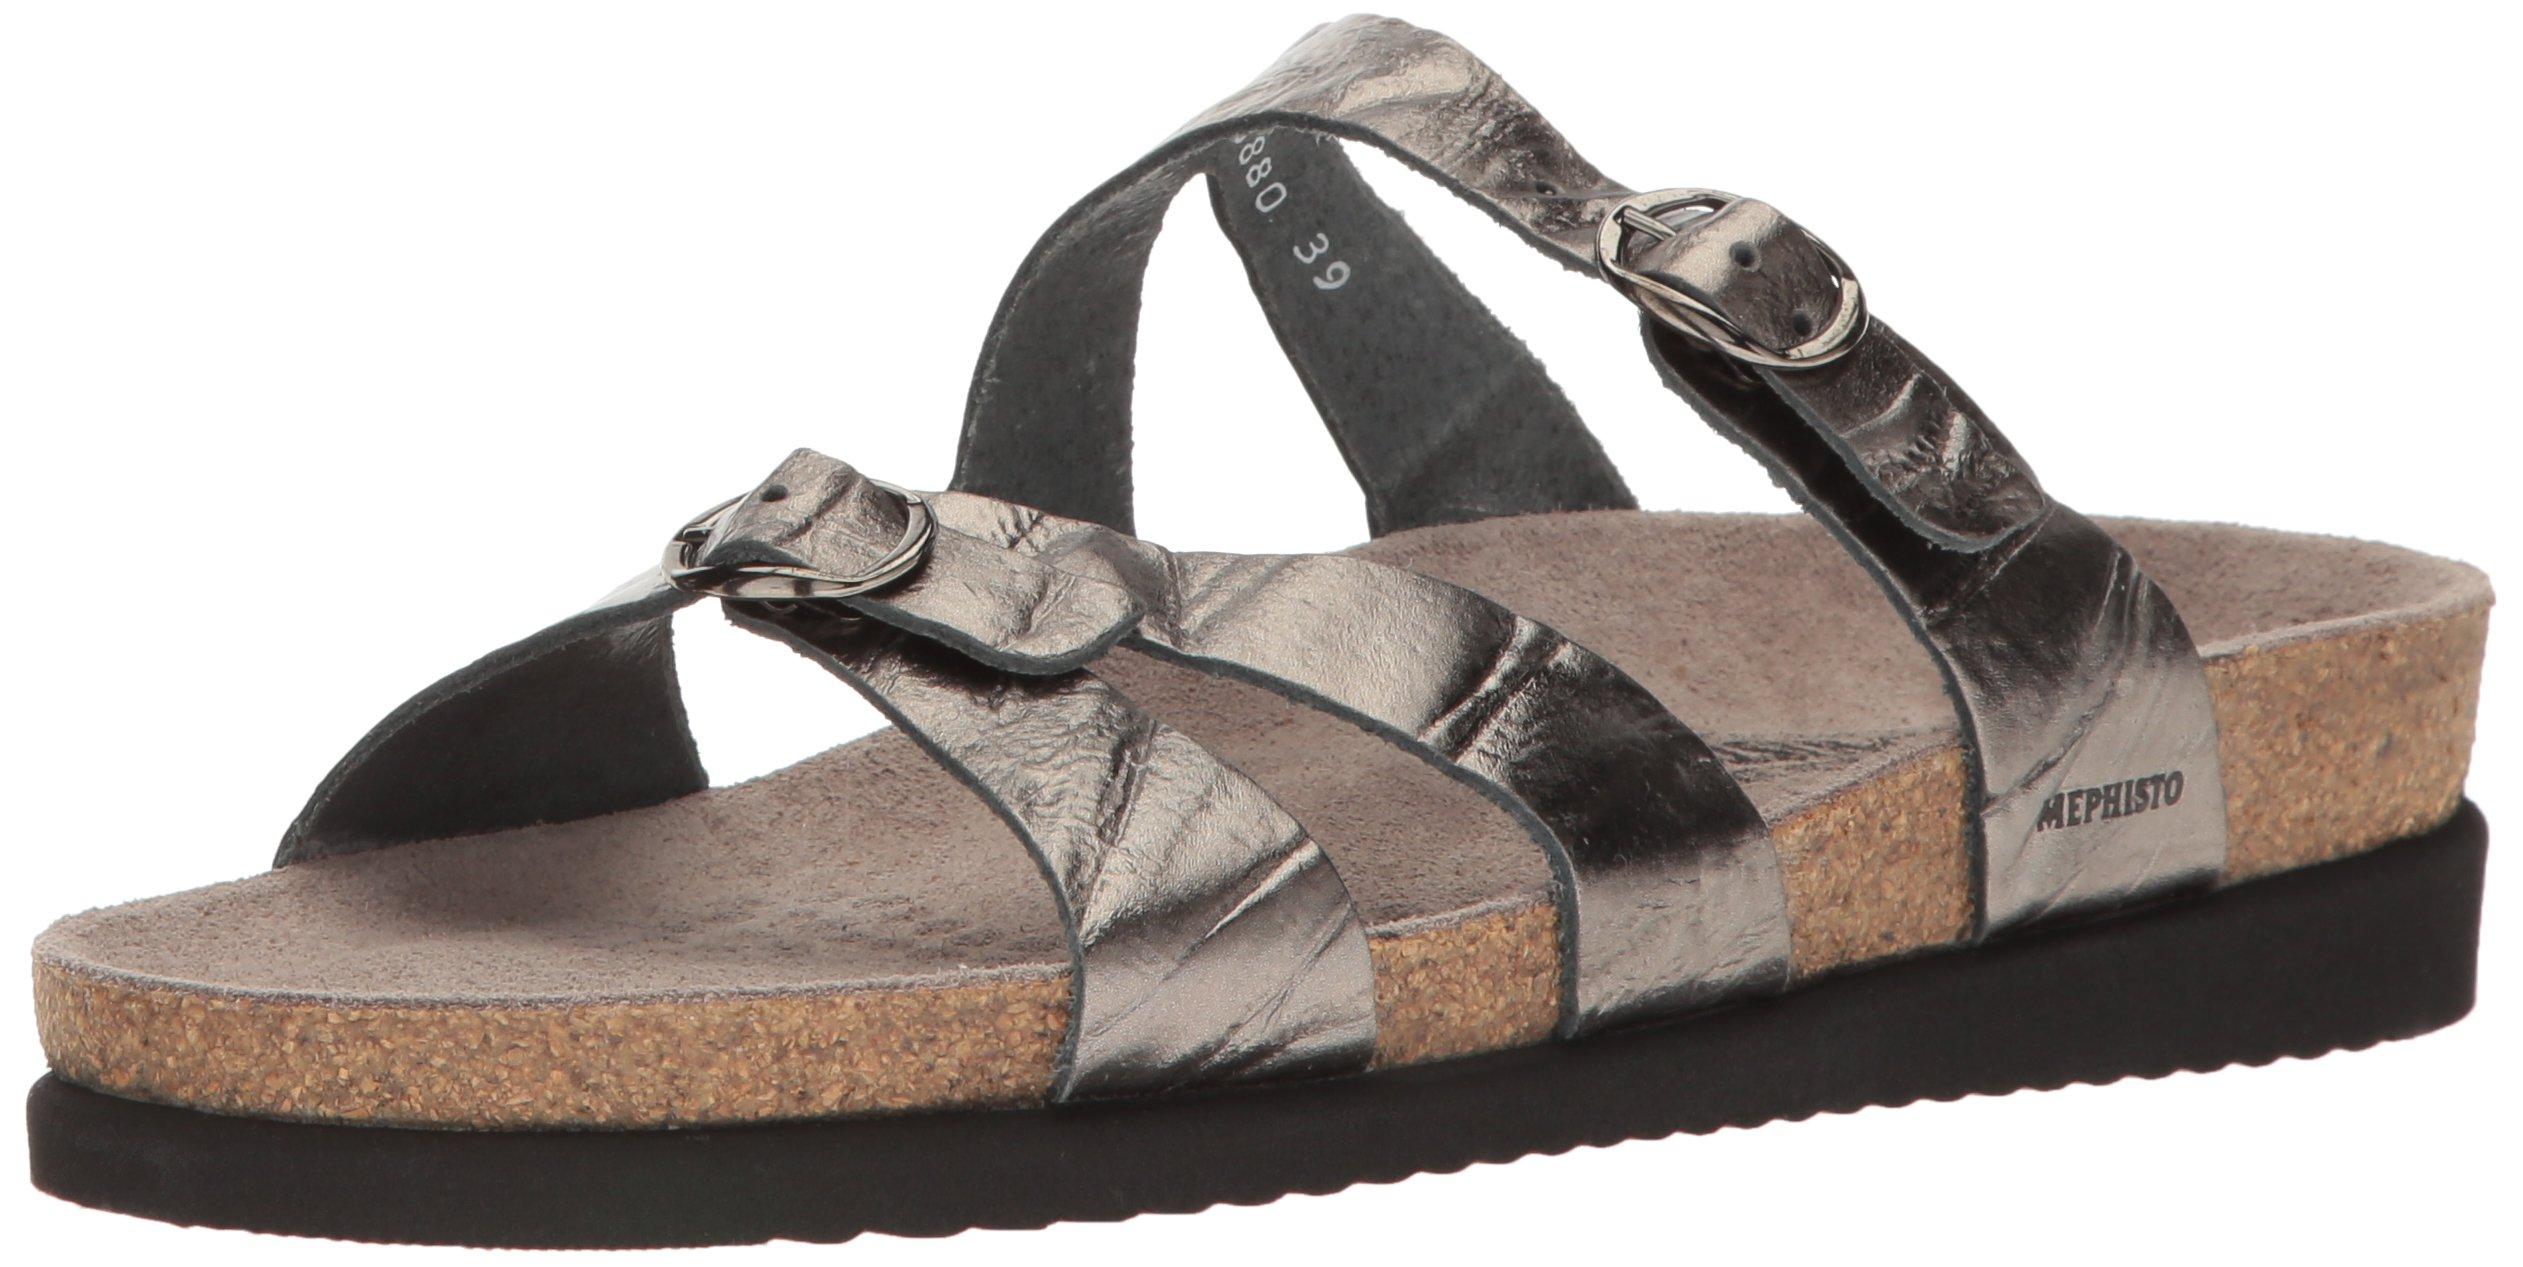 Mephisto Women's Hannel Slide Sandal, Grey Etna, 9 M US